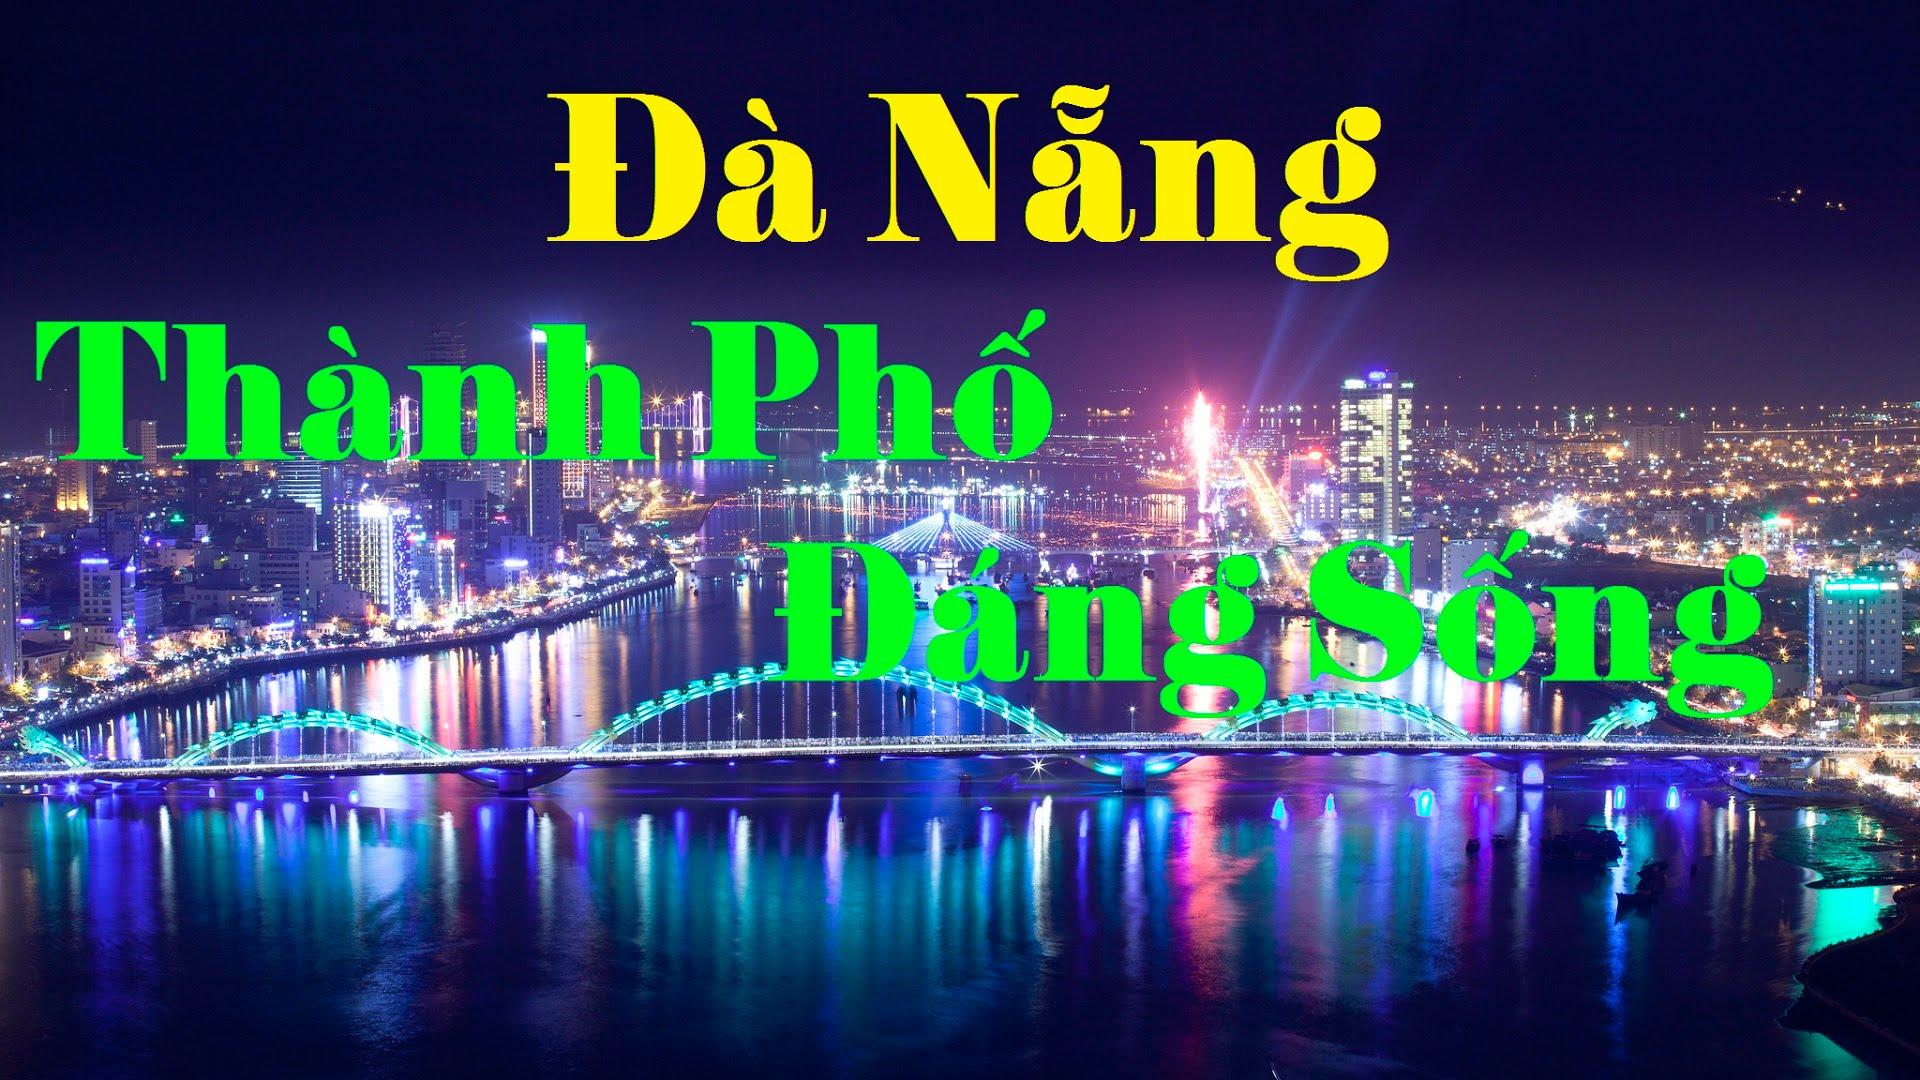 Lý do mà Đà Nẵng được mệnh danh là thành phố đáng sống.